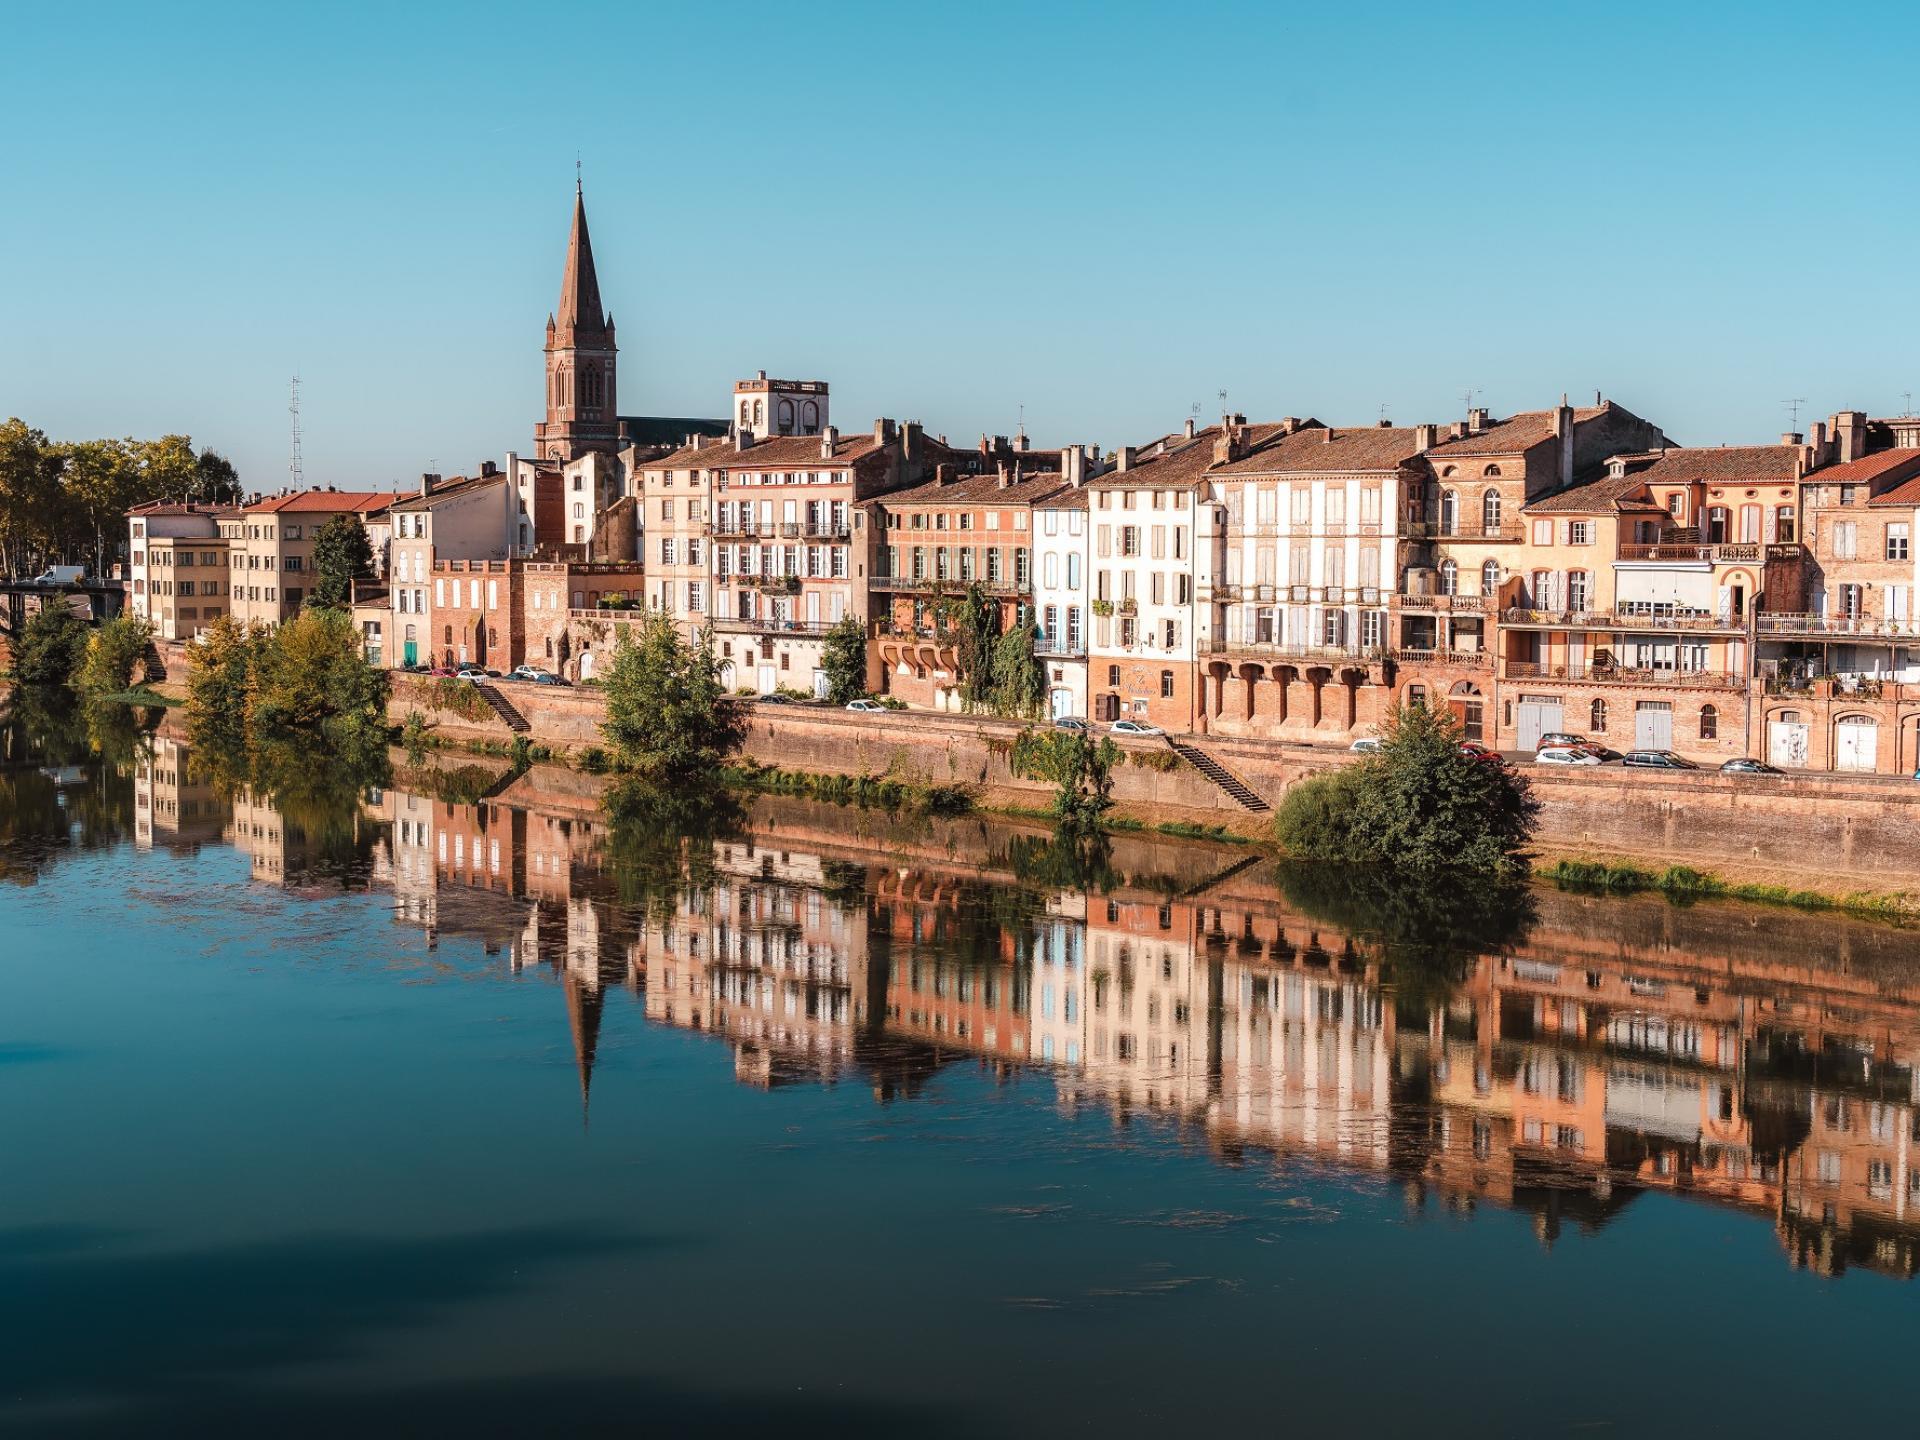 vue-montauban-quai-villebourbon-1.jpg